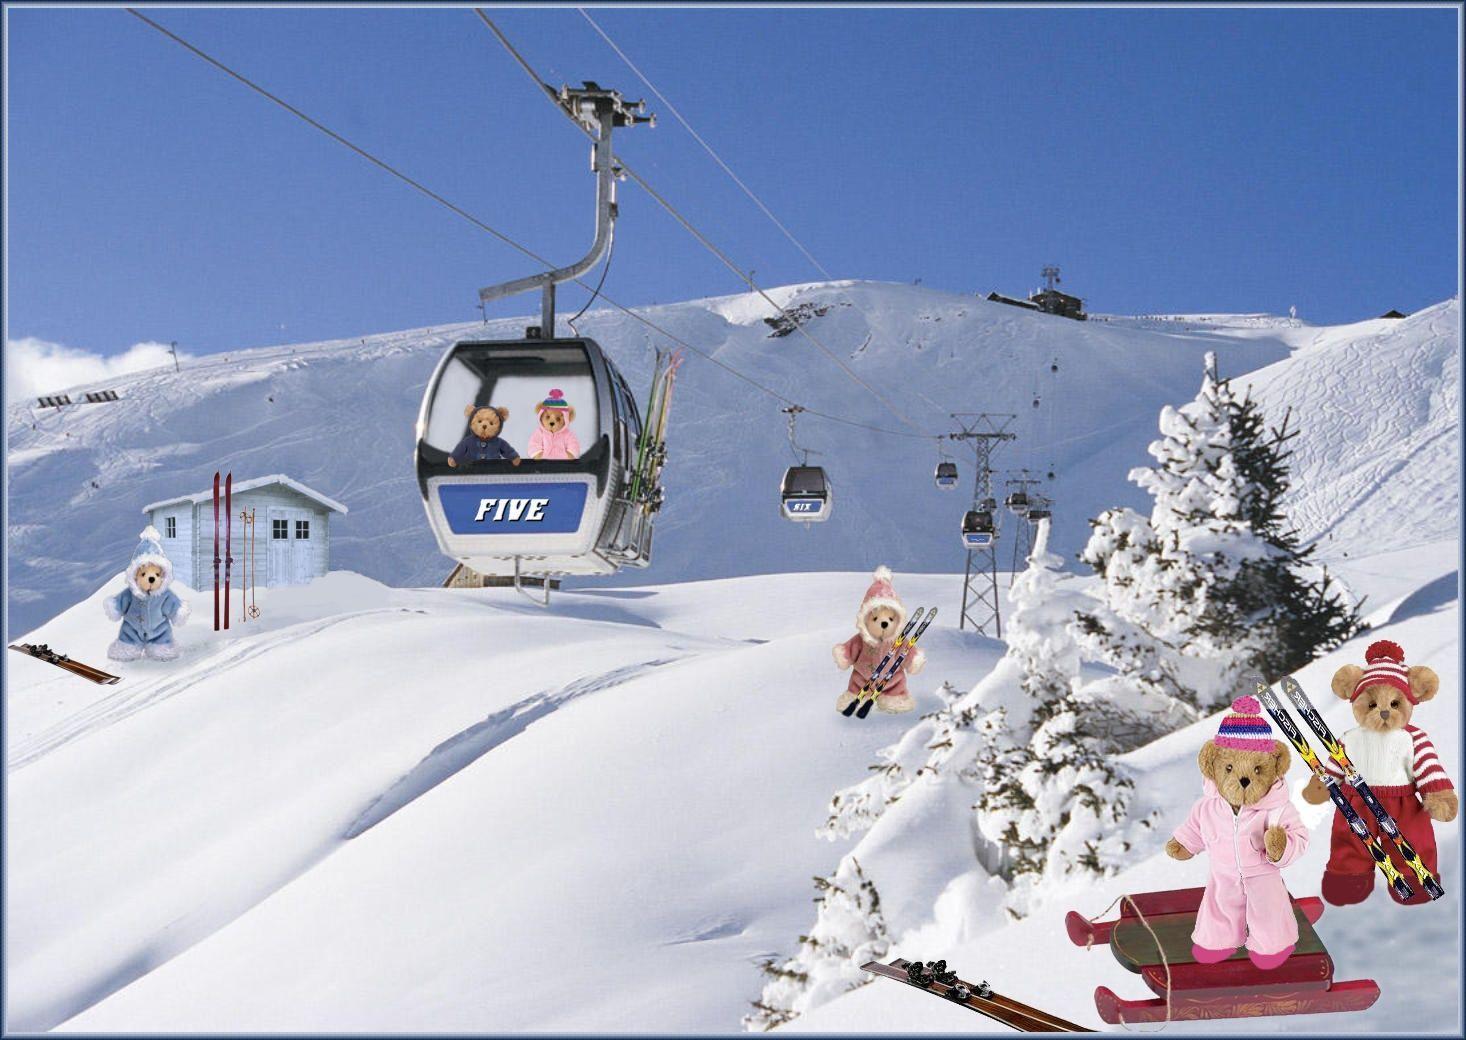 Fonds ecran hiver noel for Fond ecran gratuit hiver noel